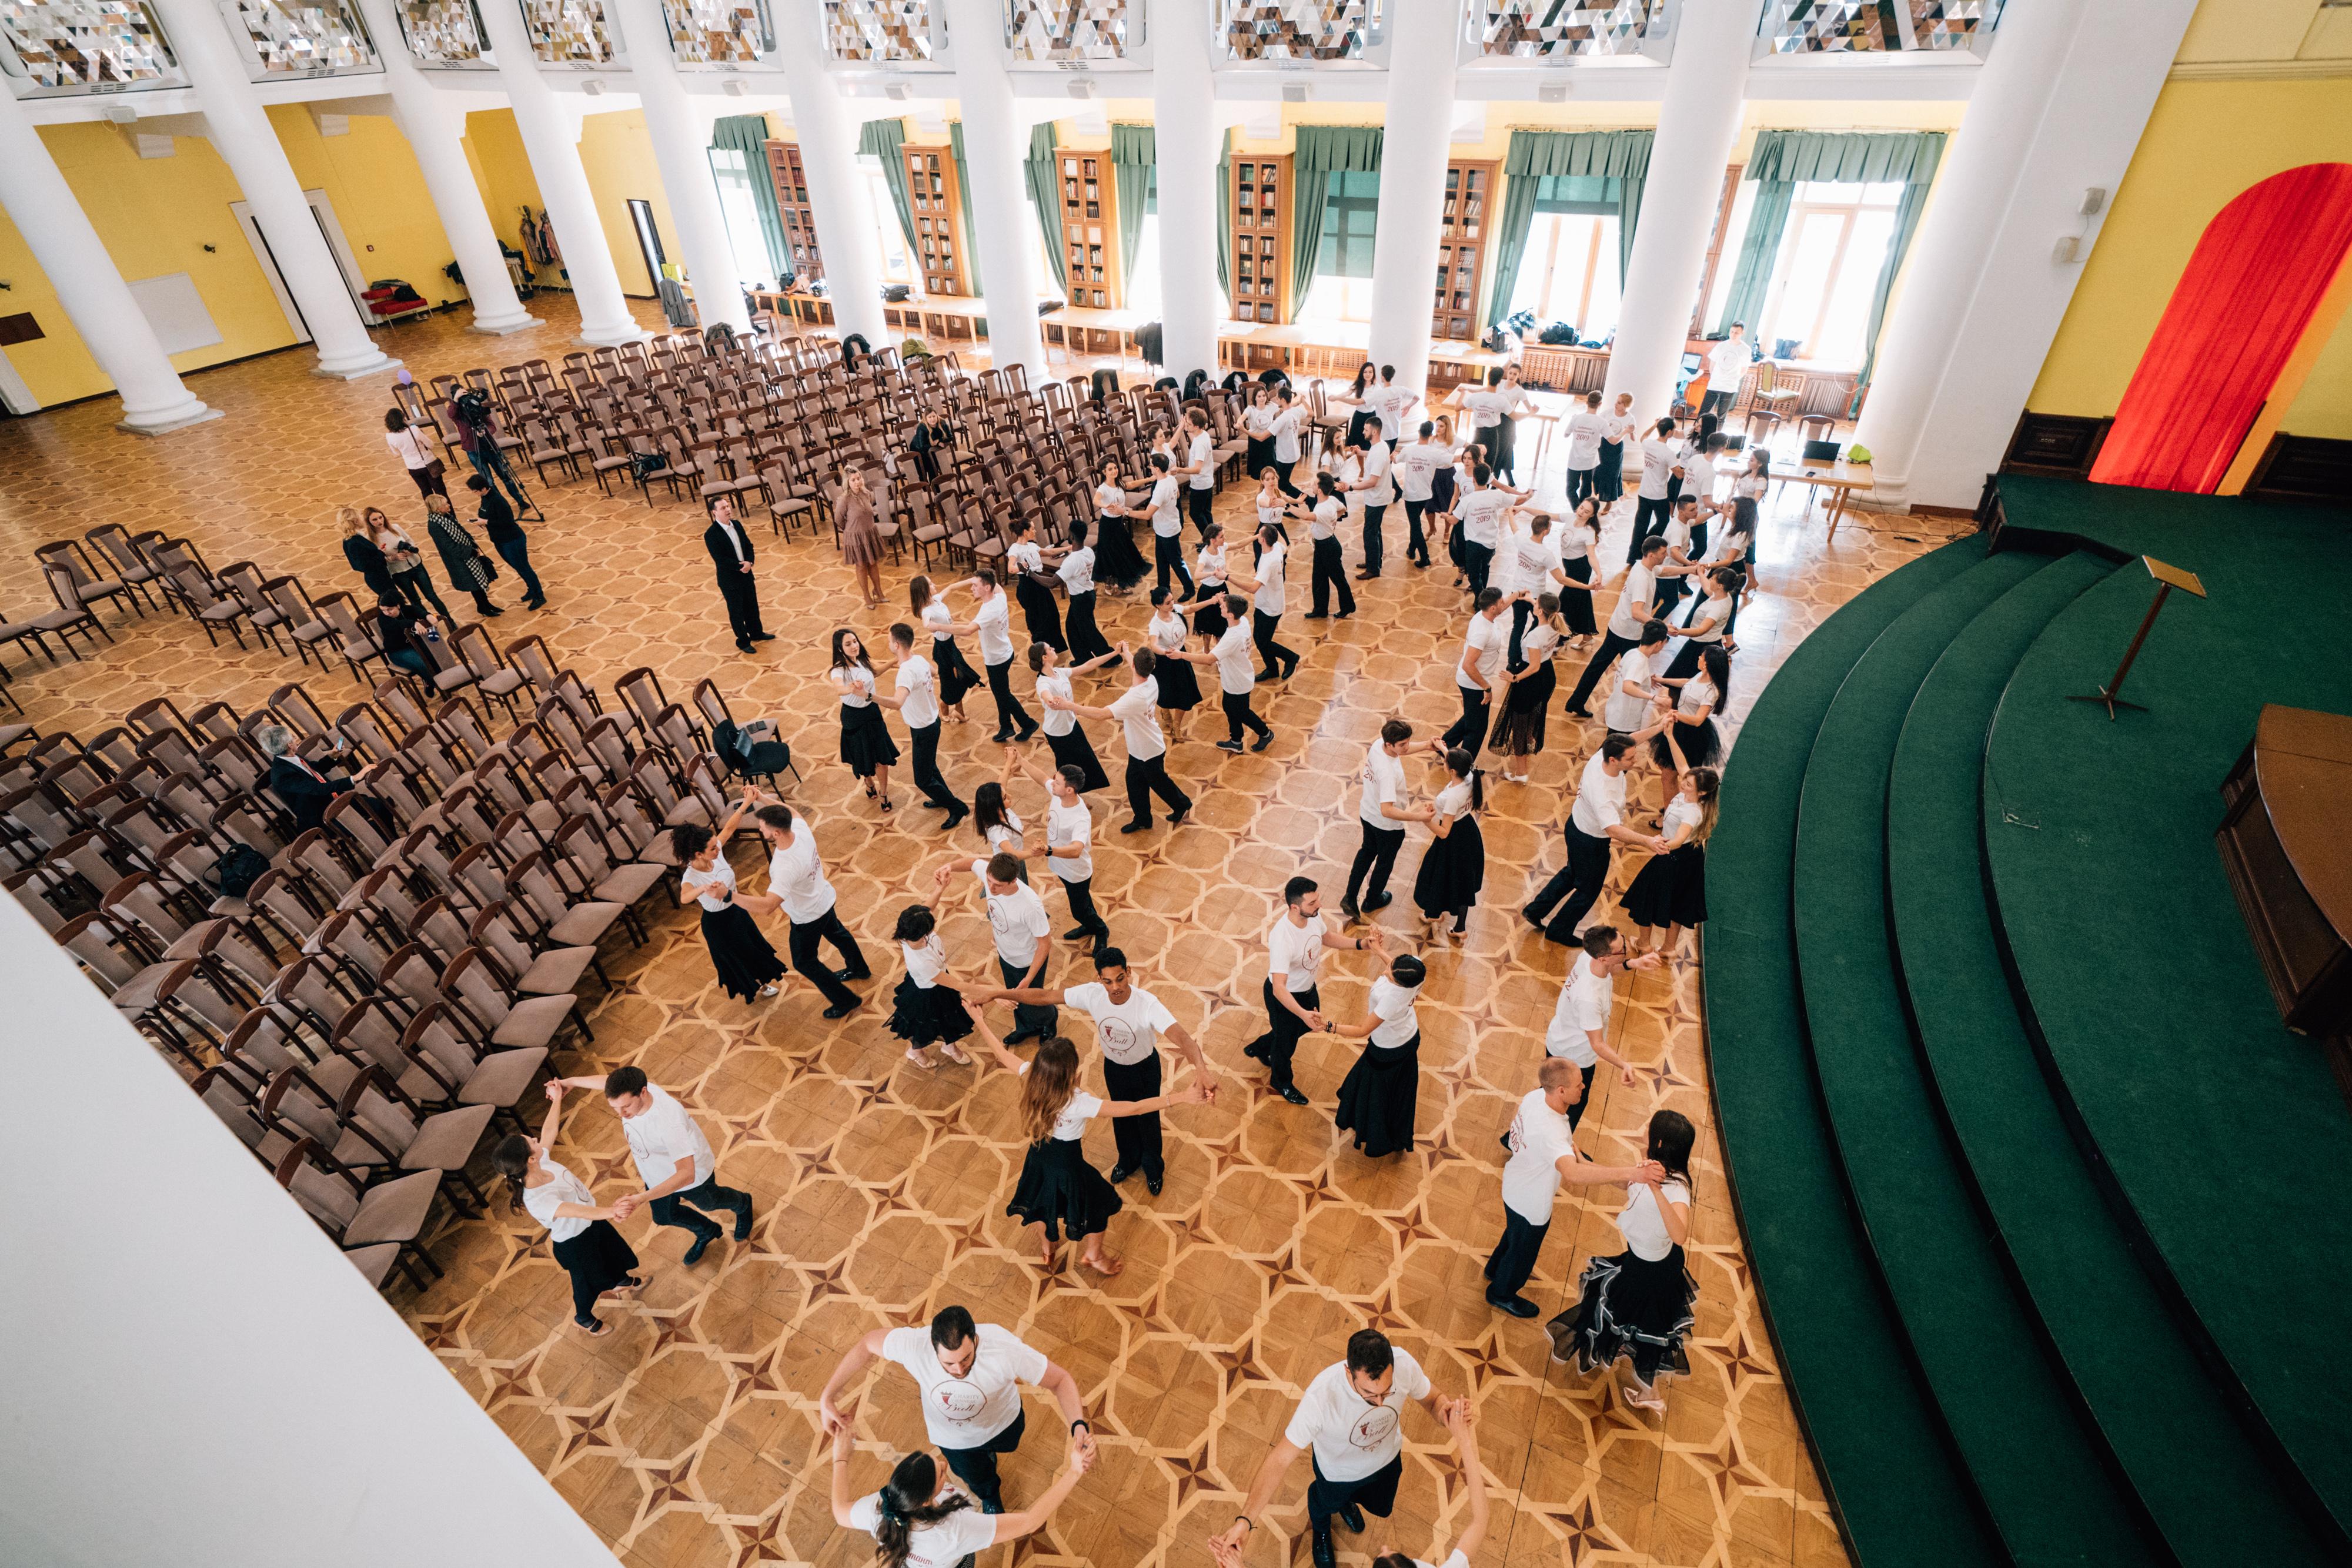 Ежегодный венский бал в Киеве украсят уникальные инсталляции в украинском стиле